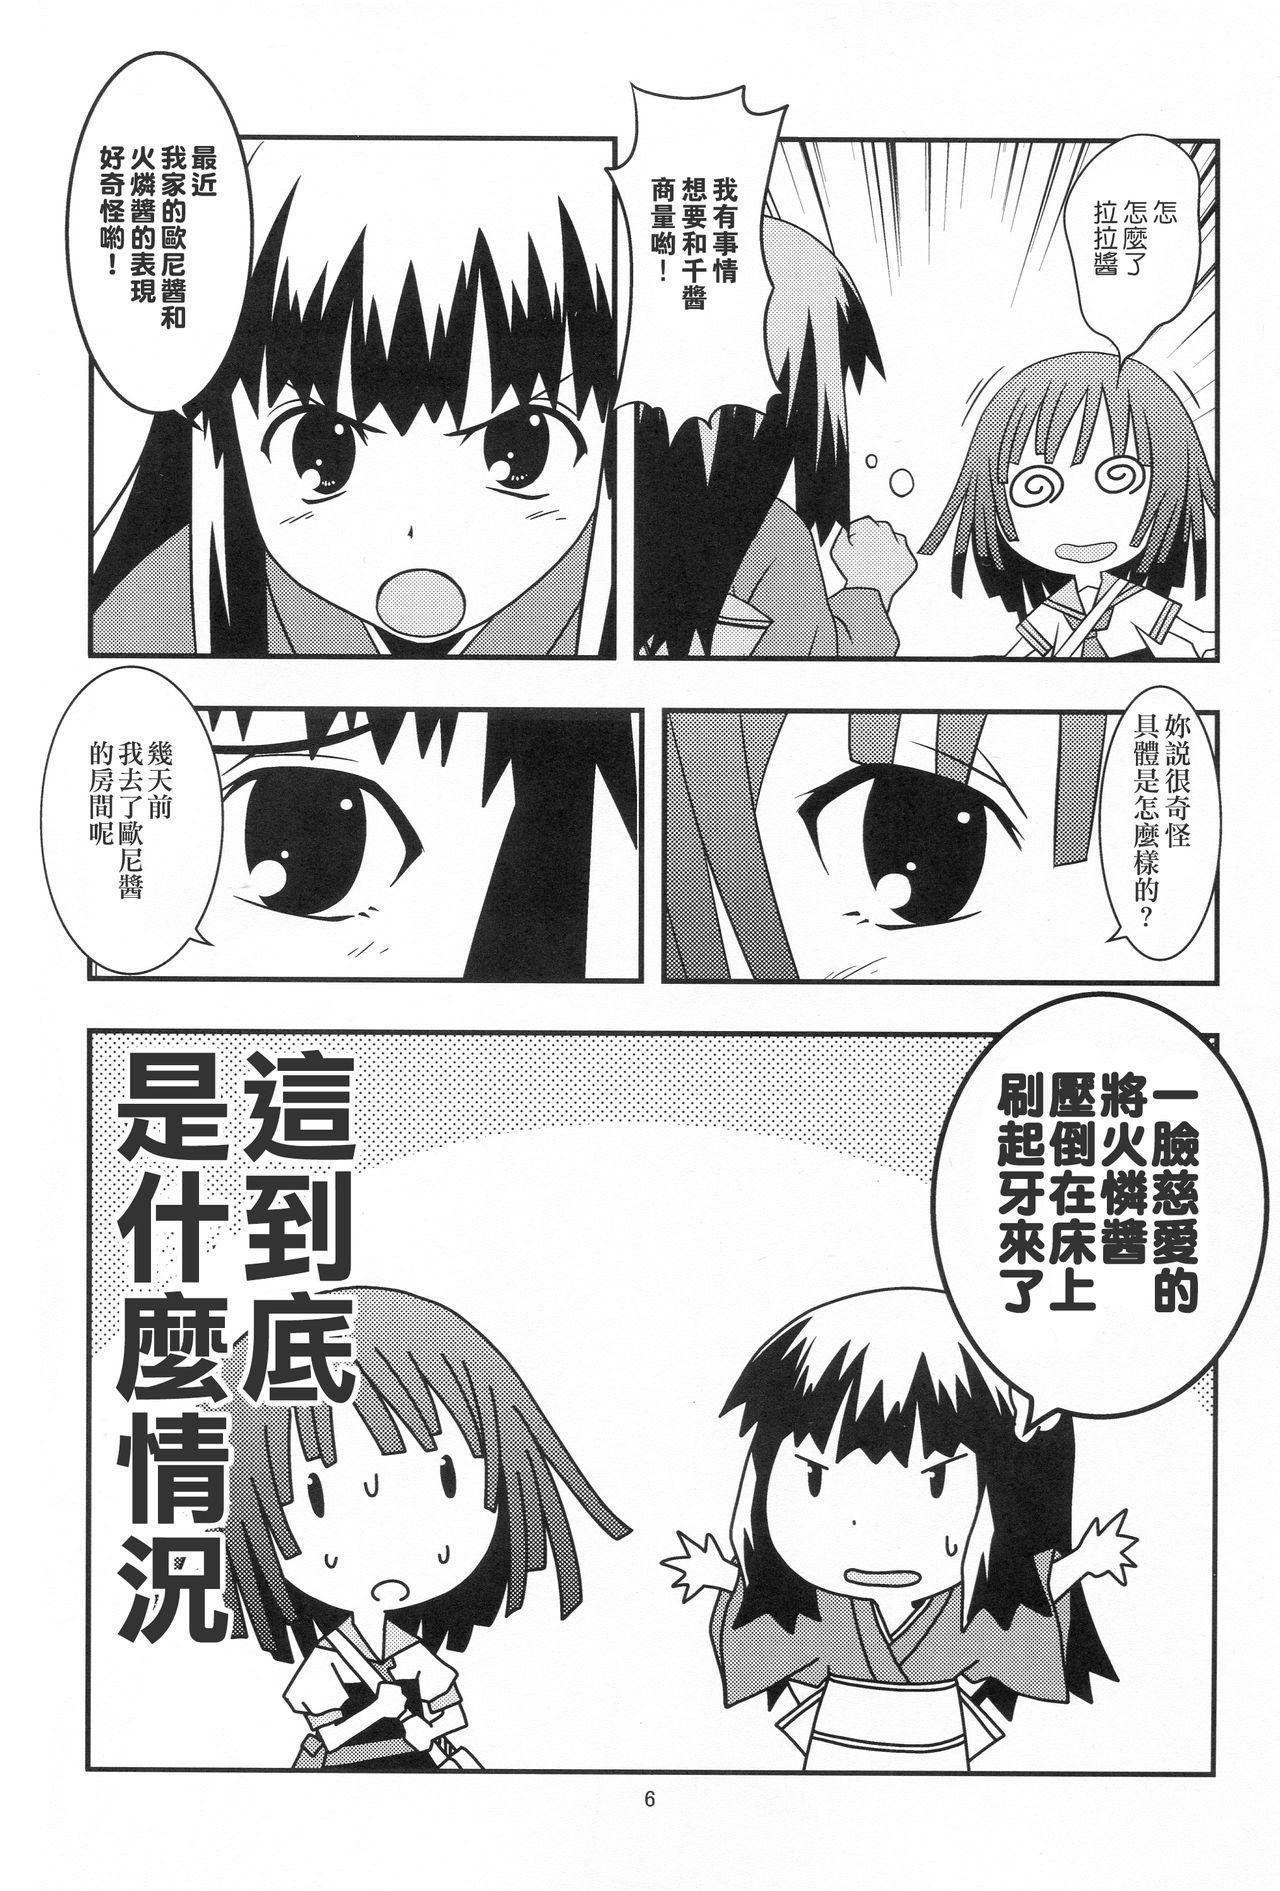 Nii-chan wa Sonna Koto Dakara 5